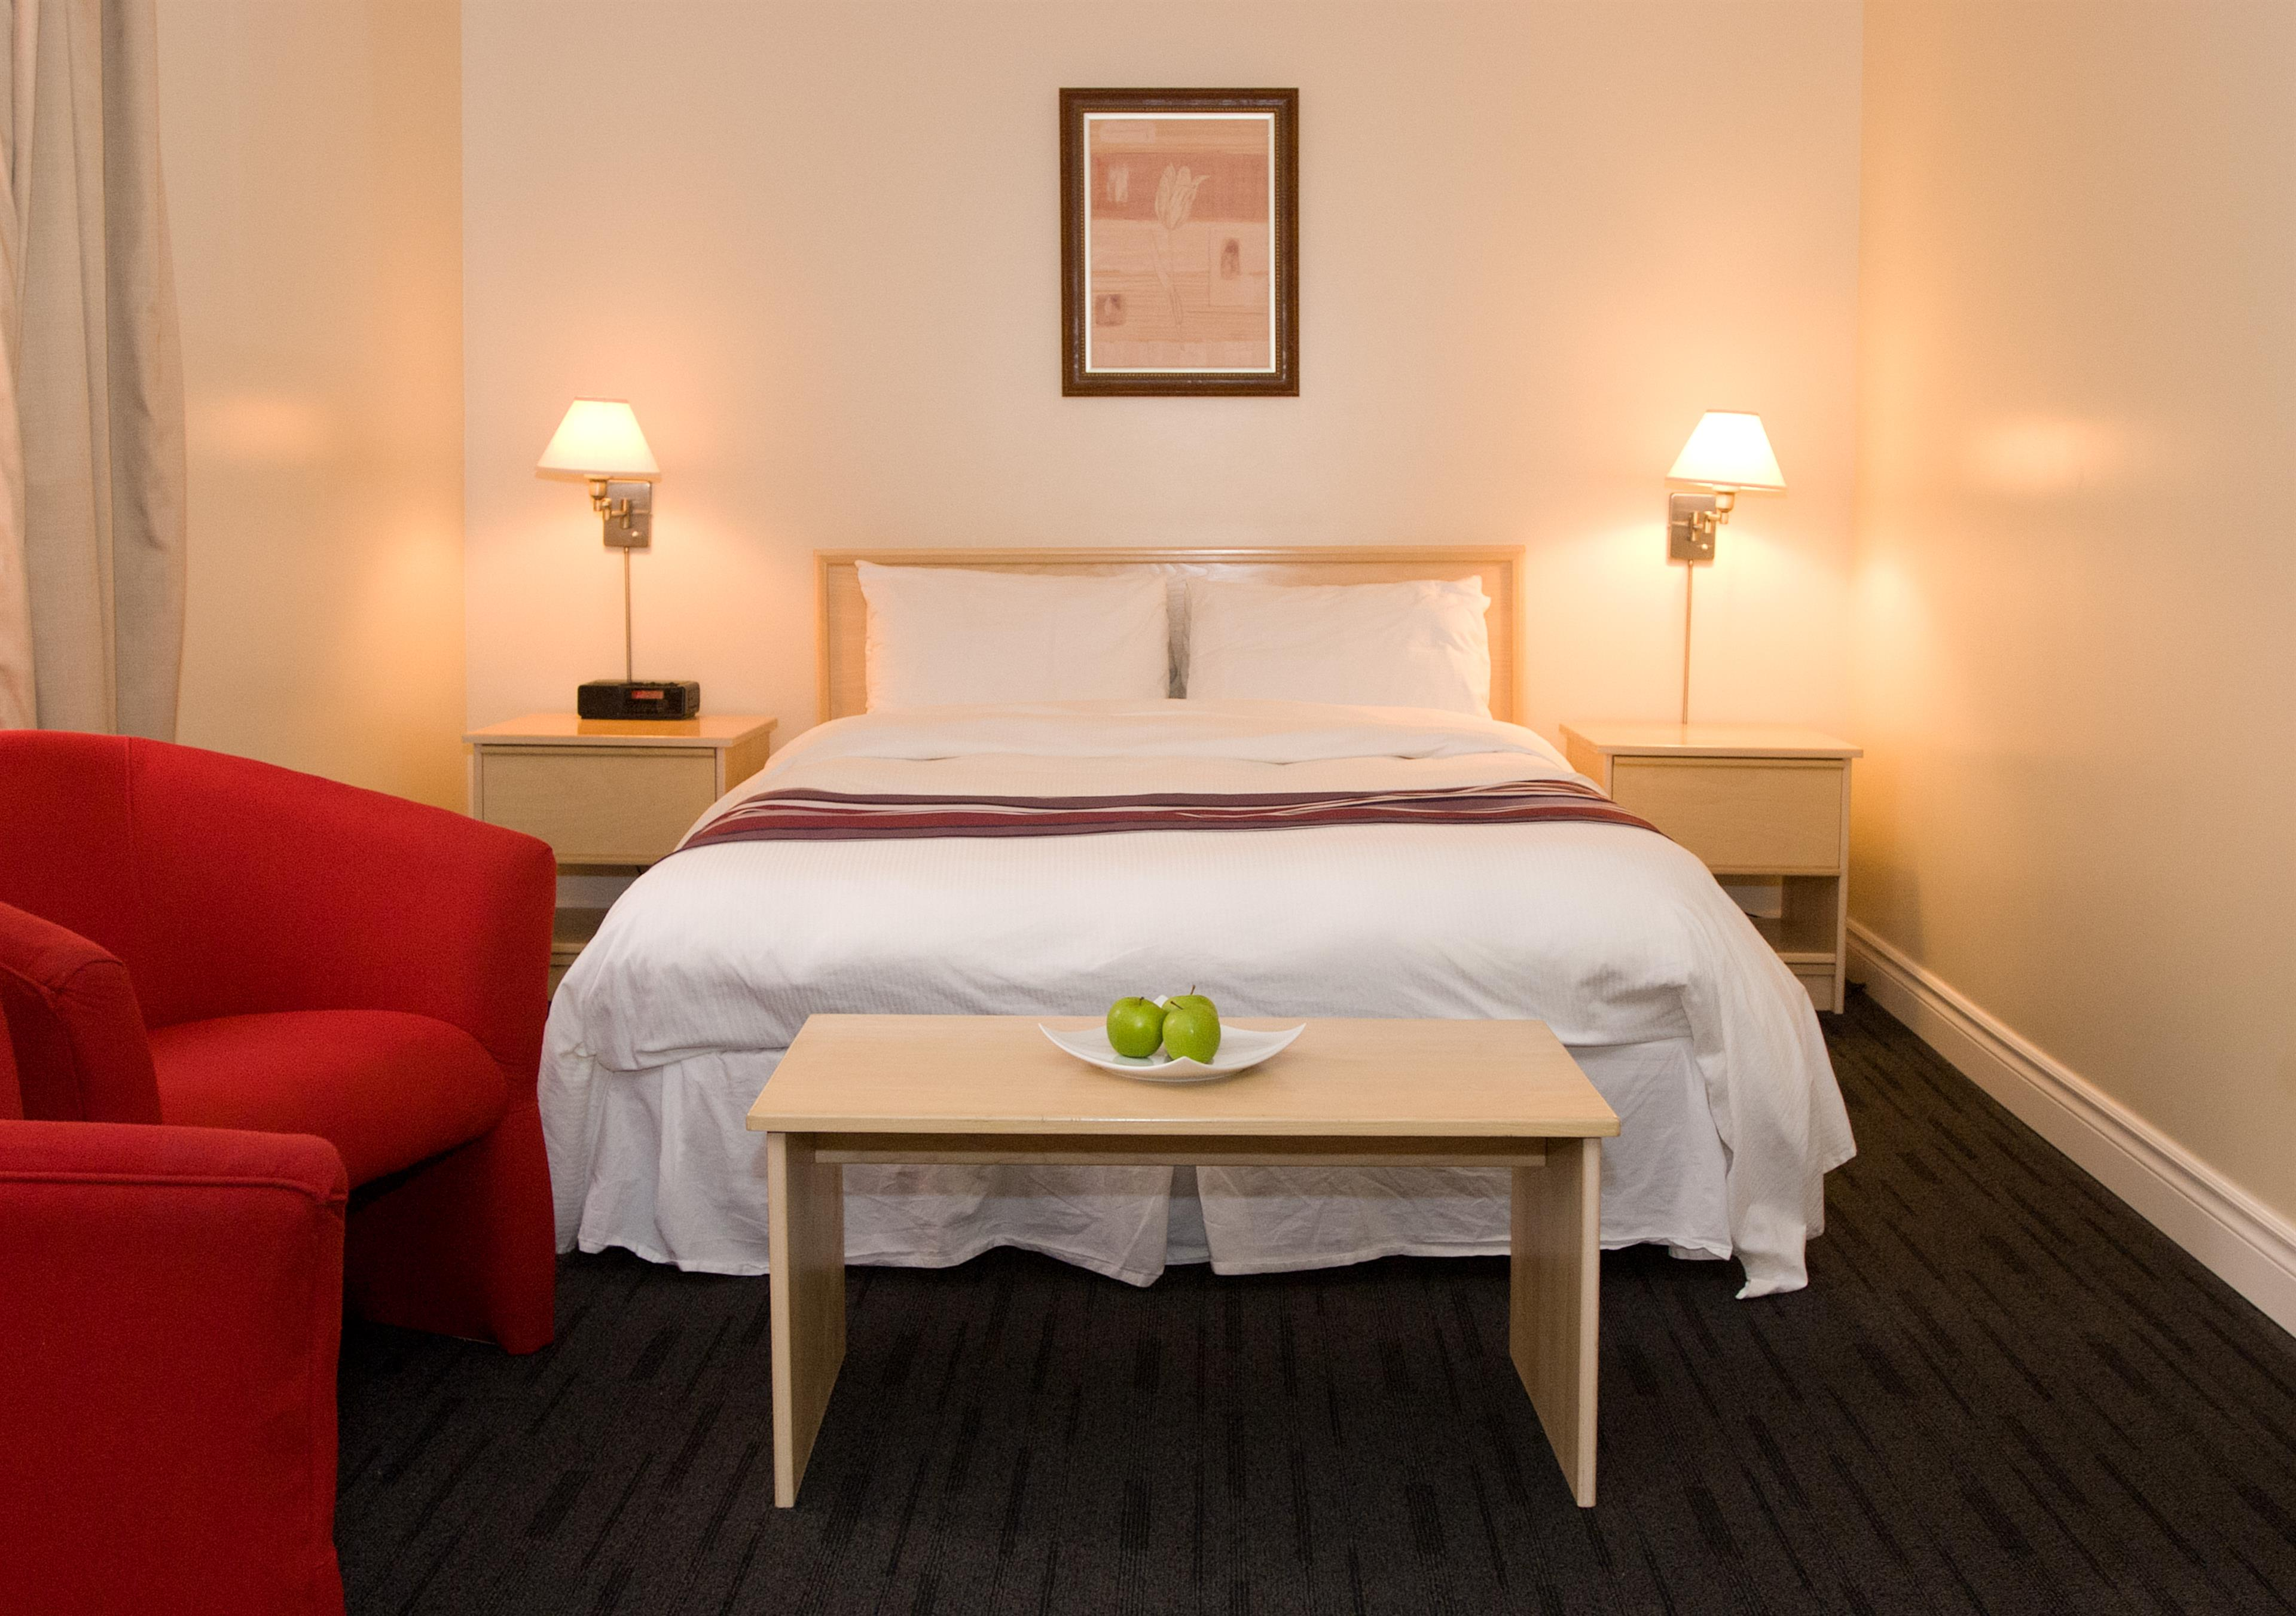 Best Western Plus Hotel Albert Rouyn-Noranda à Rouyn-Noranda: Guest Room